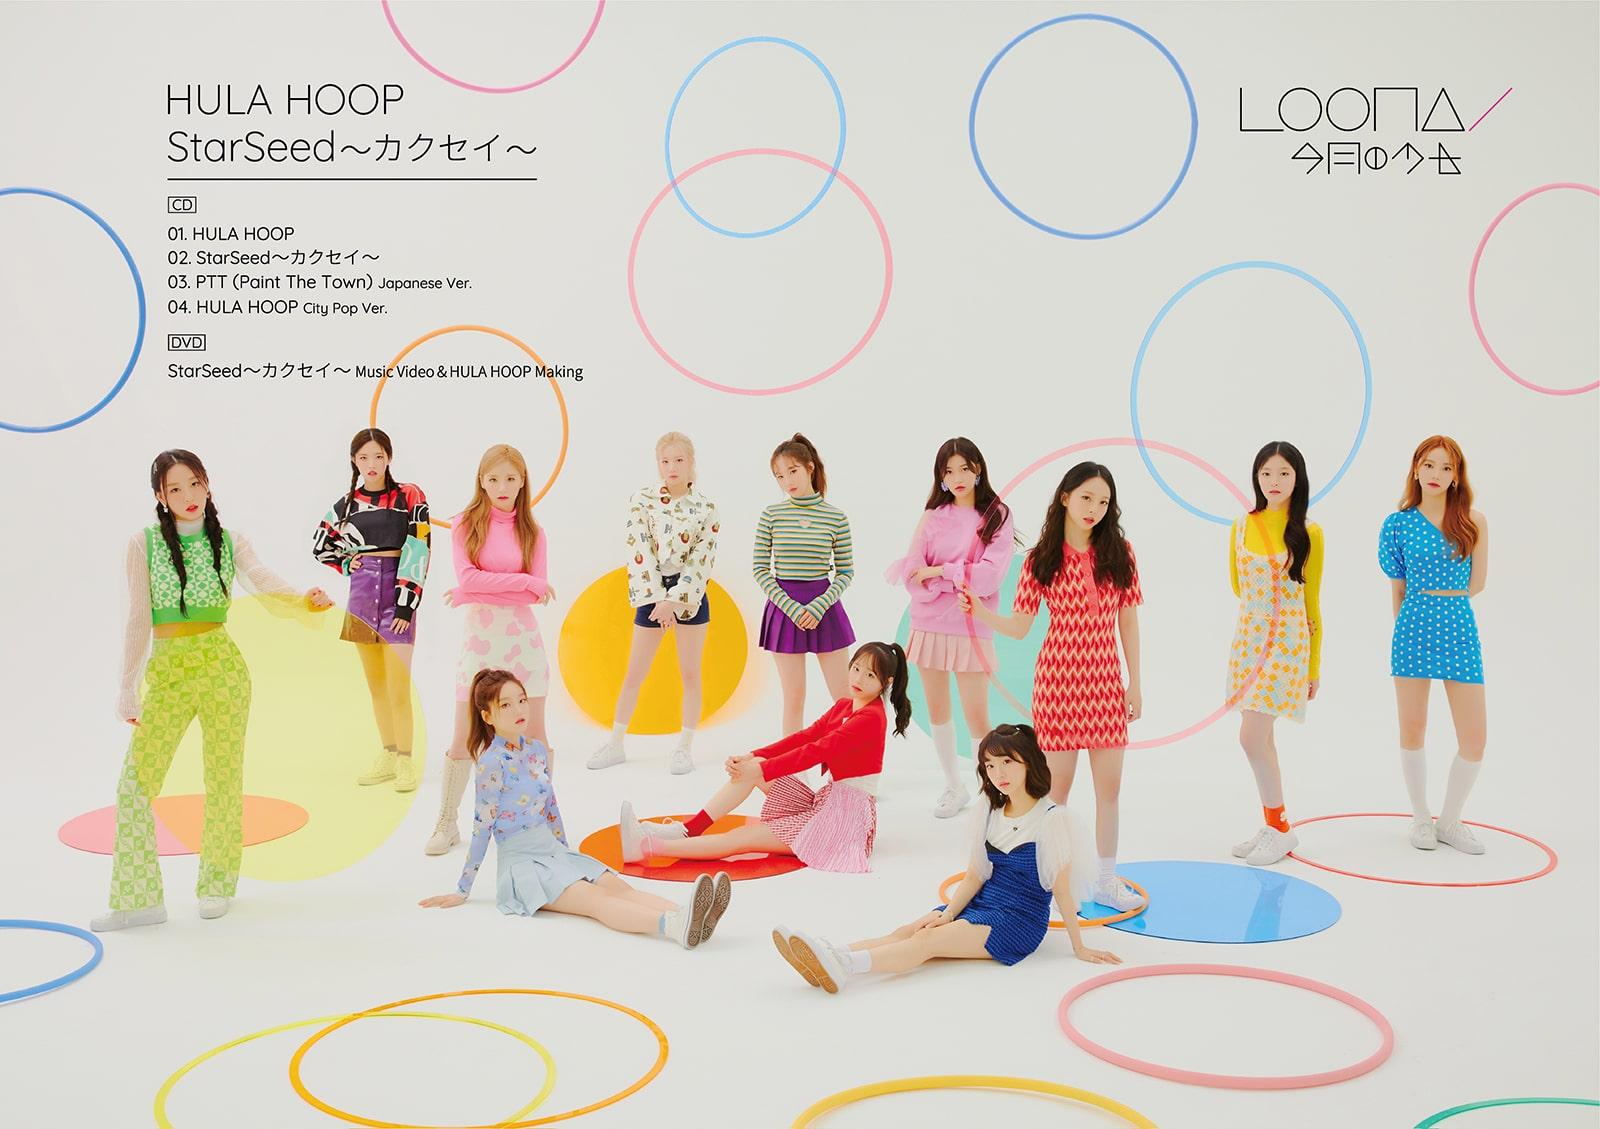 LOONA「HULA HOOP / StarSeed 〜カクセイ〜」